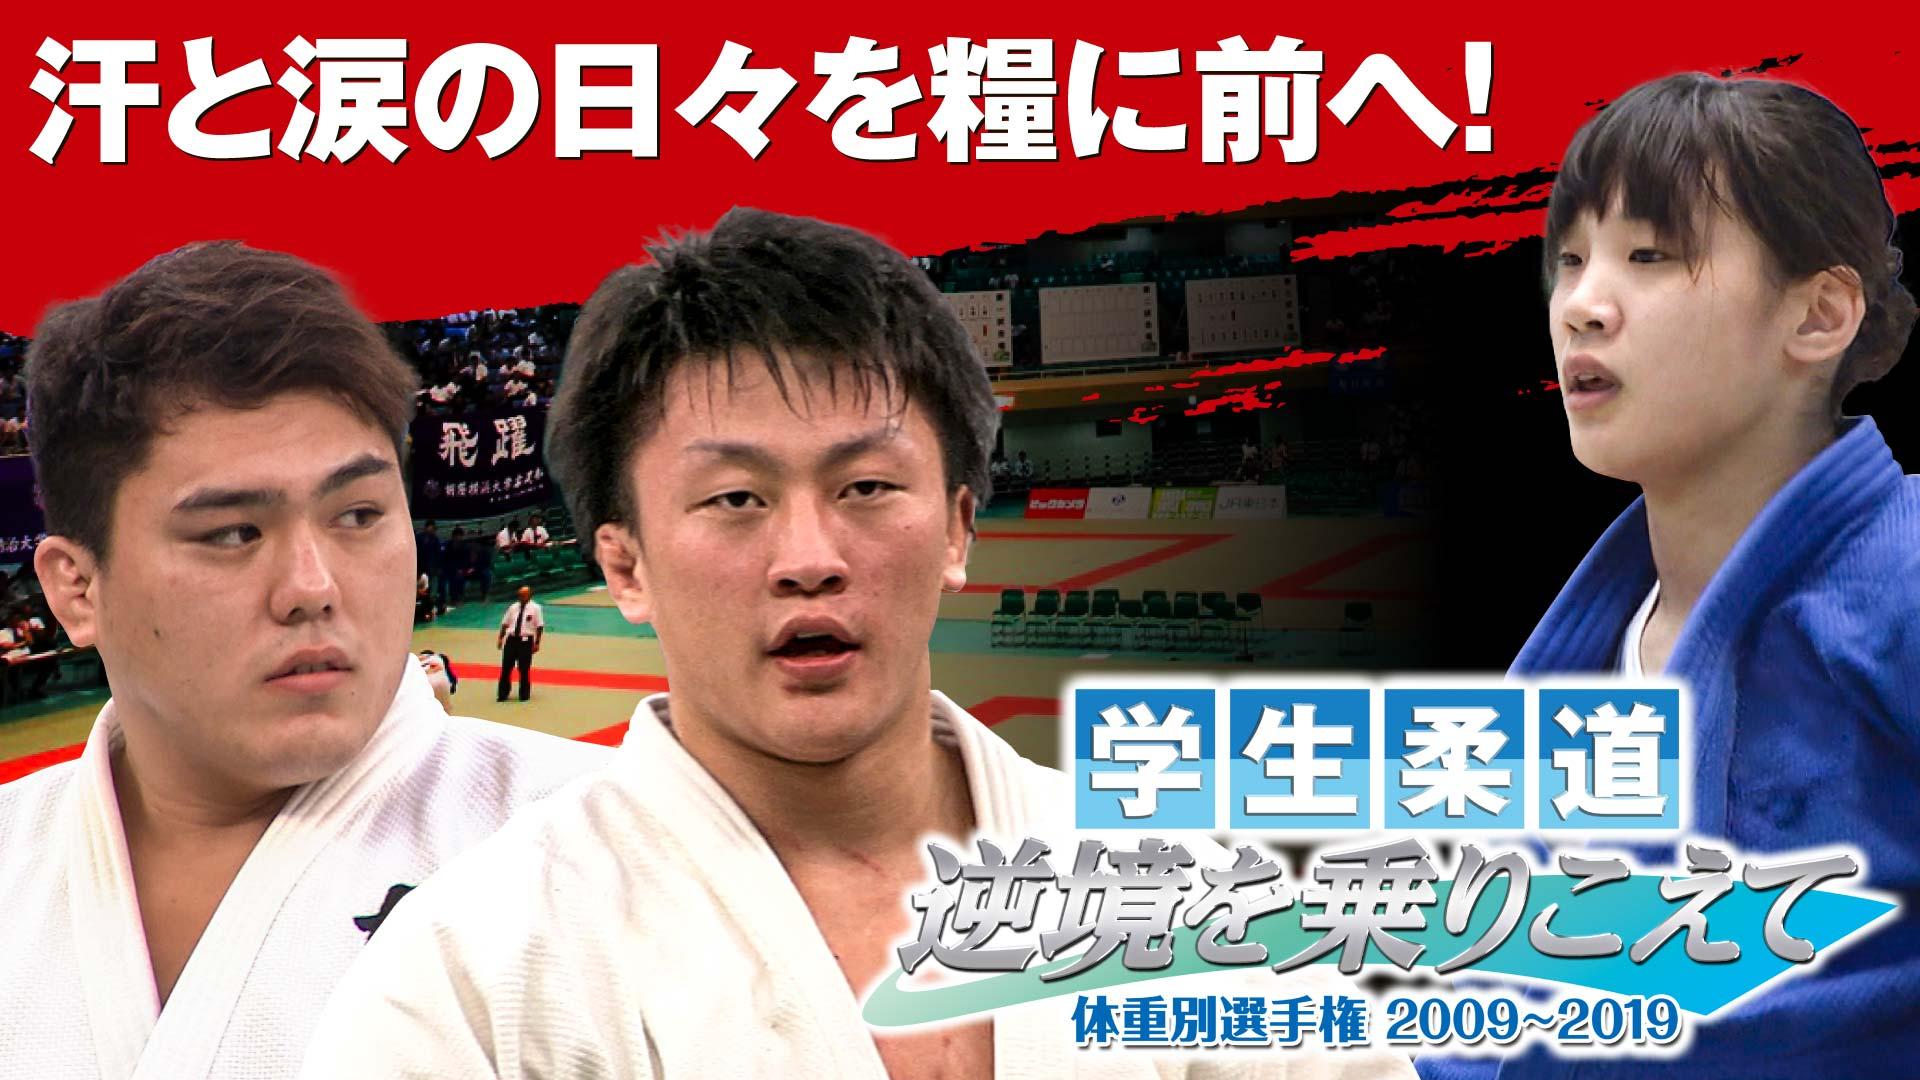 学生柔道 逆境を乗りこえて  体重別選手権2009~2019